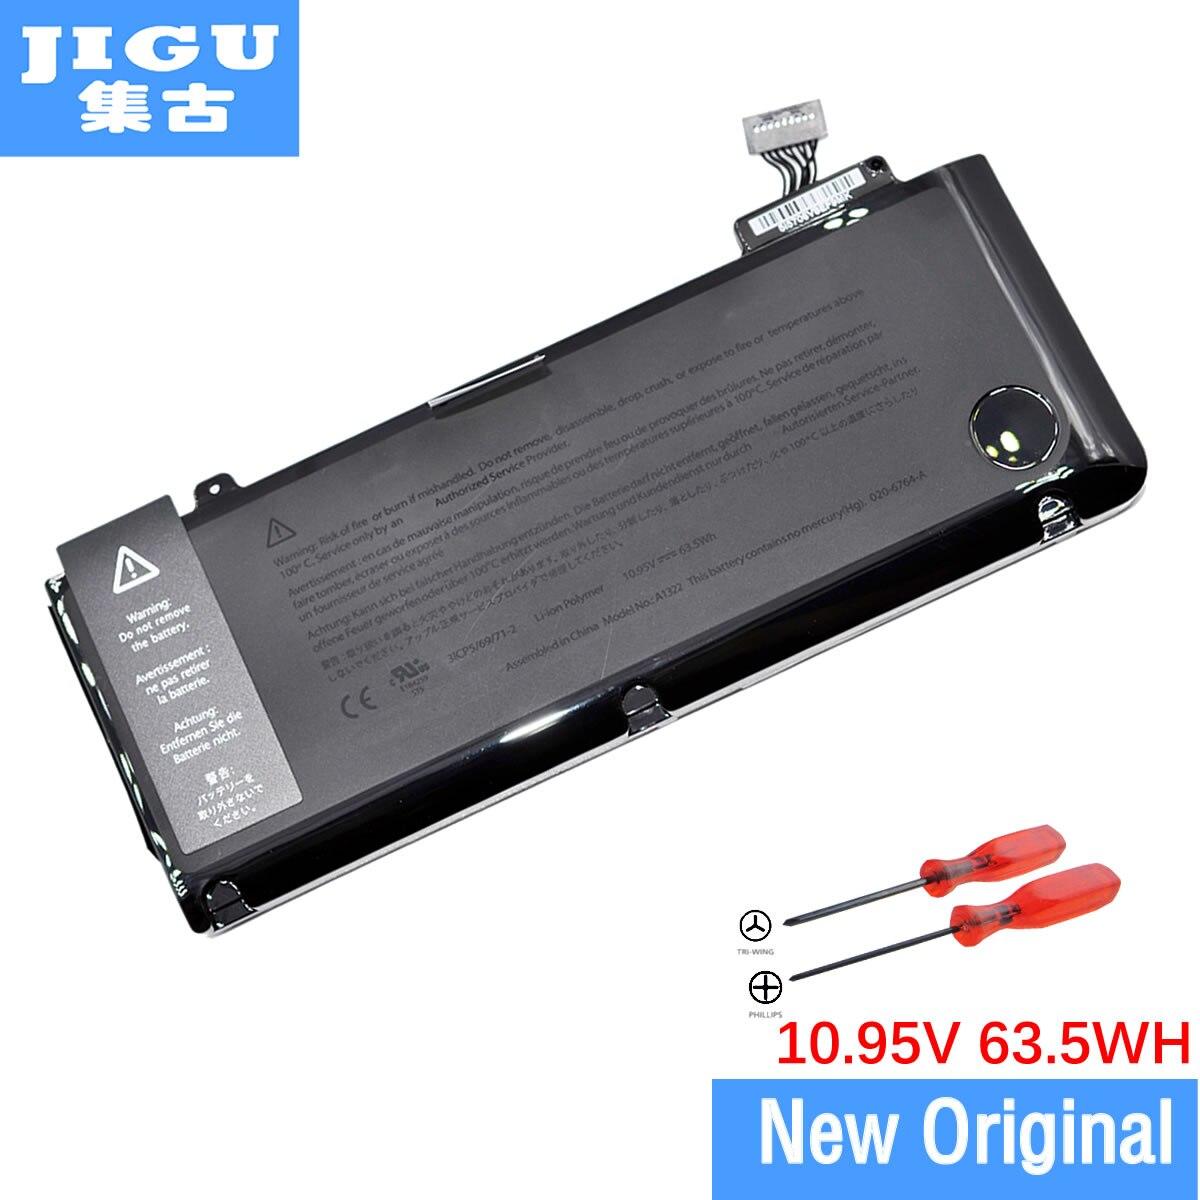 JIGU New Genuine Original A1322 Battery For Apple for Macbook Pro 13 Unibody A1278 2009 2010 2011 2012 Version 10.95V 63Wh